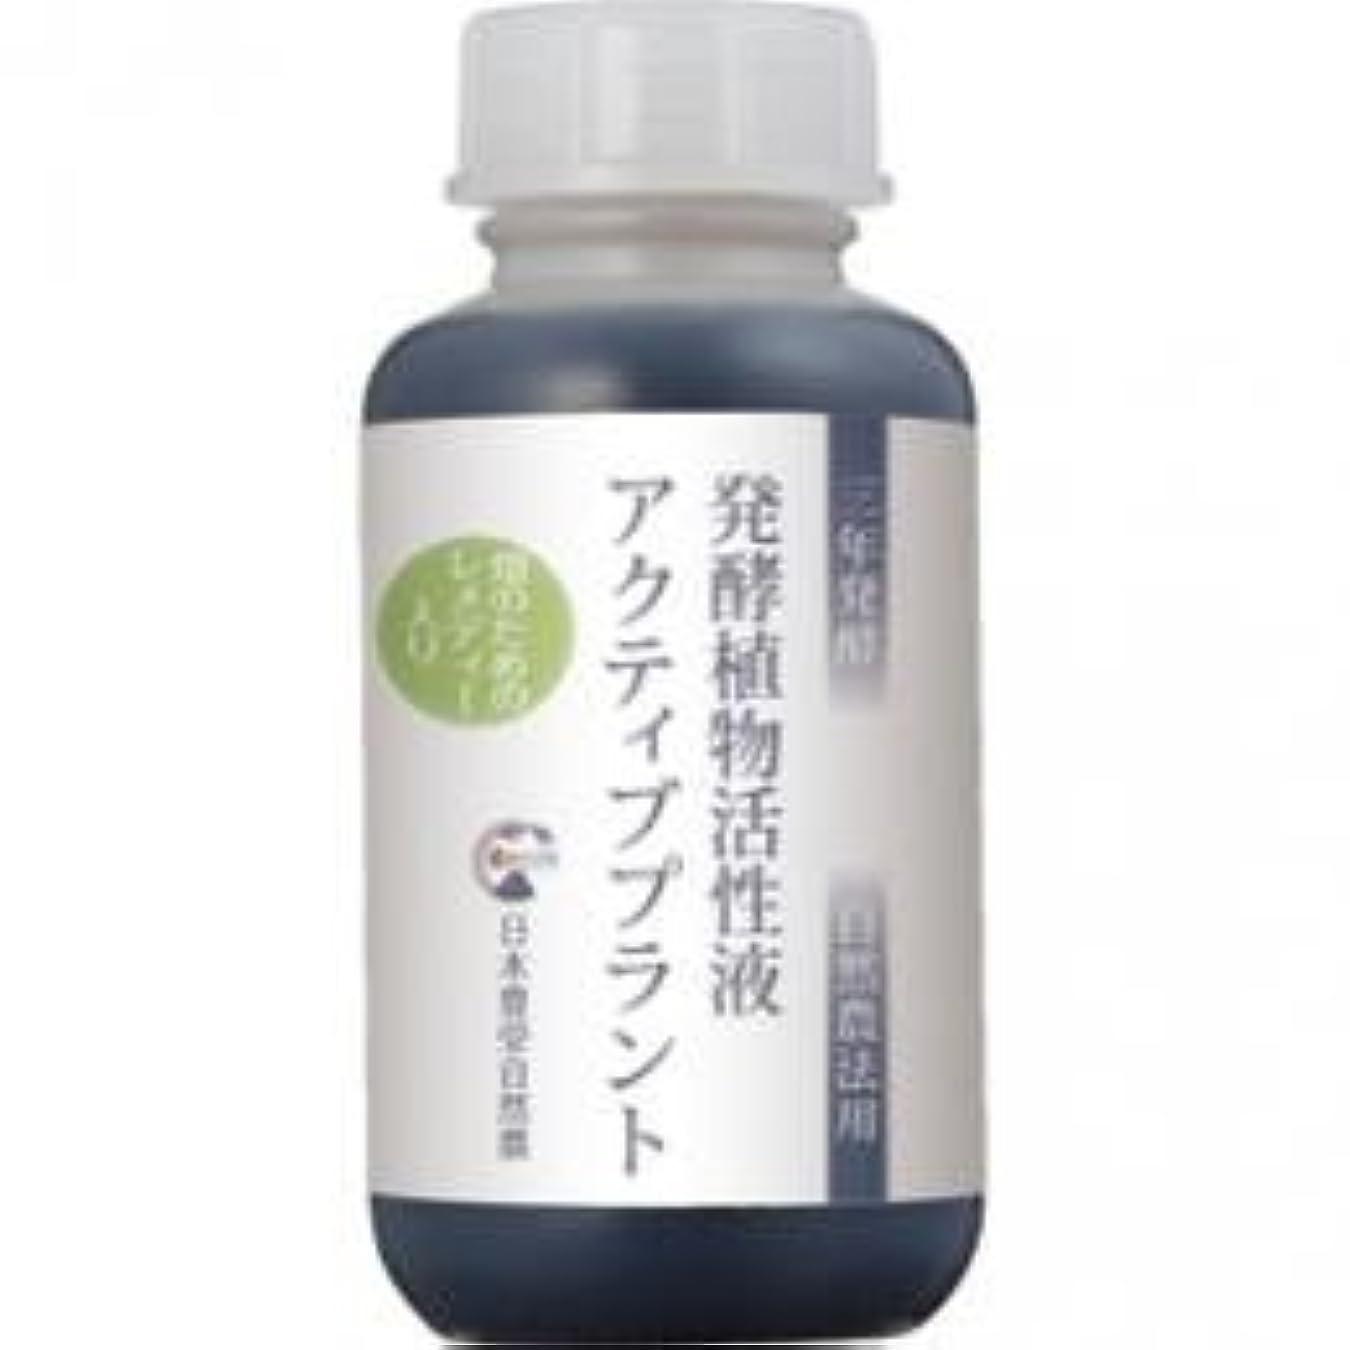 ホット正義肥沃な発酵アクティブプラント(植物活性液)